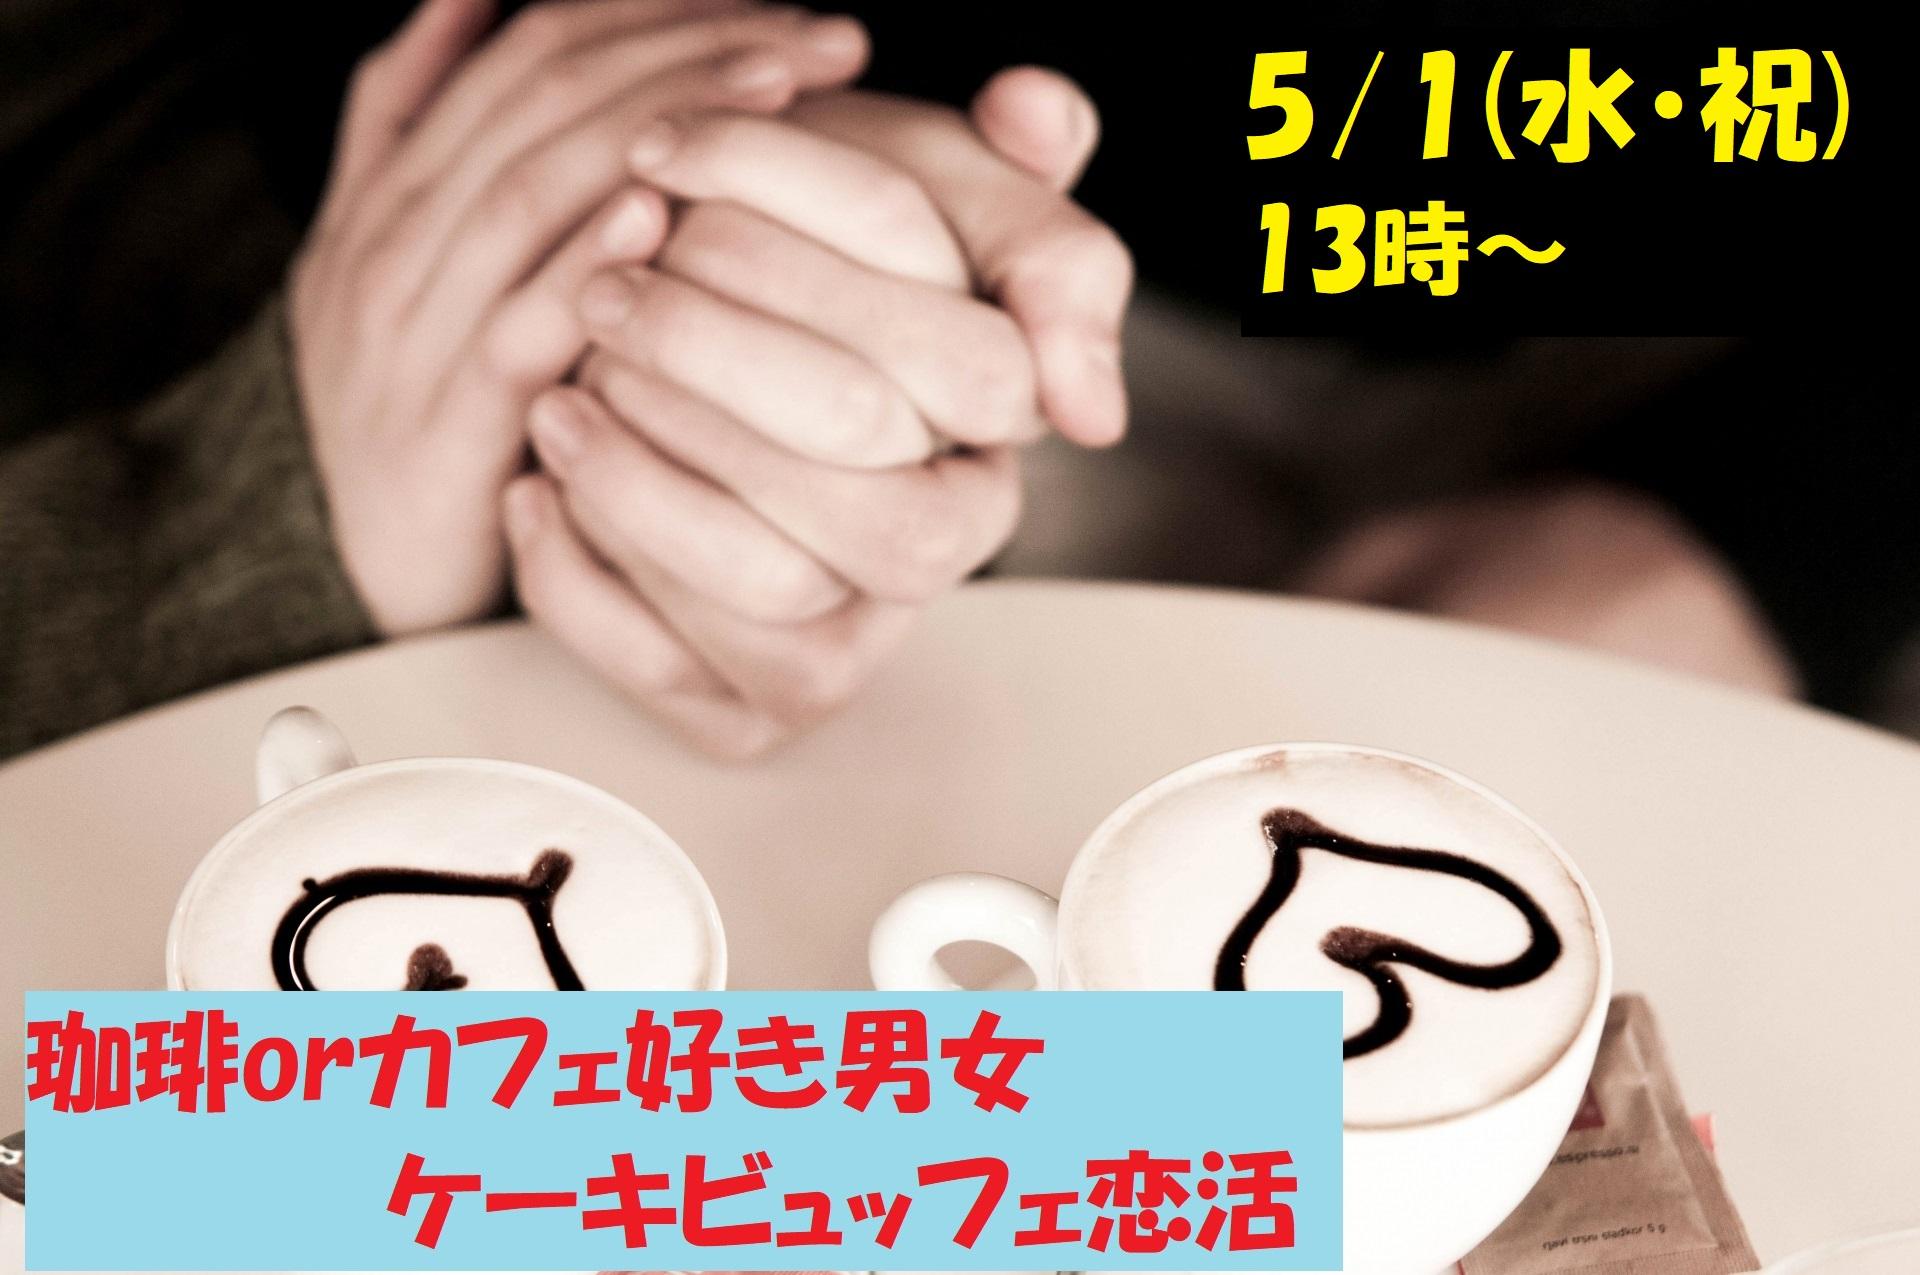 第1085回 13時~G.W.特別企画【27~44歳】珈琲orカフェ好きが集まるケーキビュッフェ恋活!のご報告